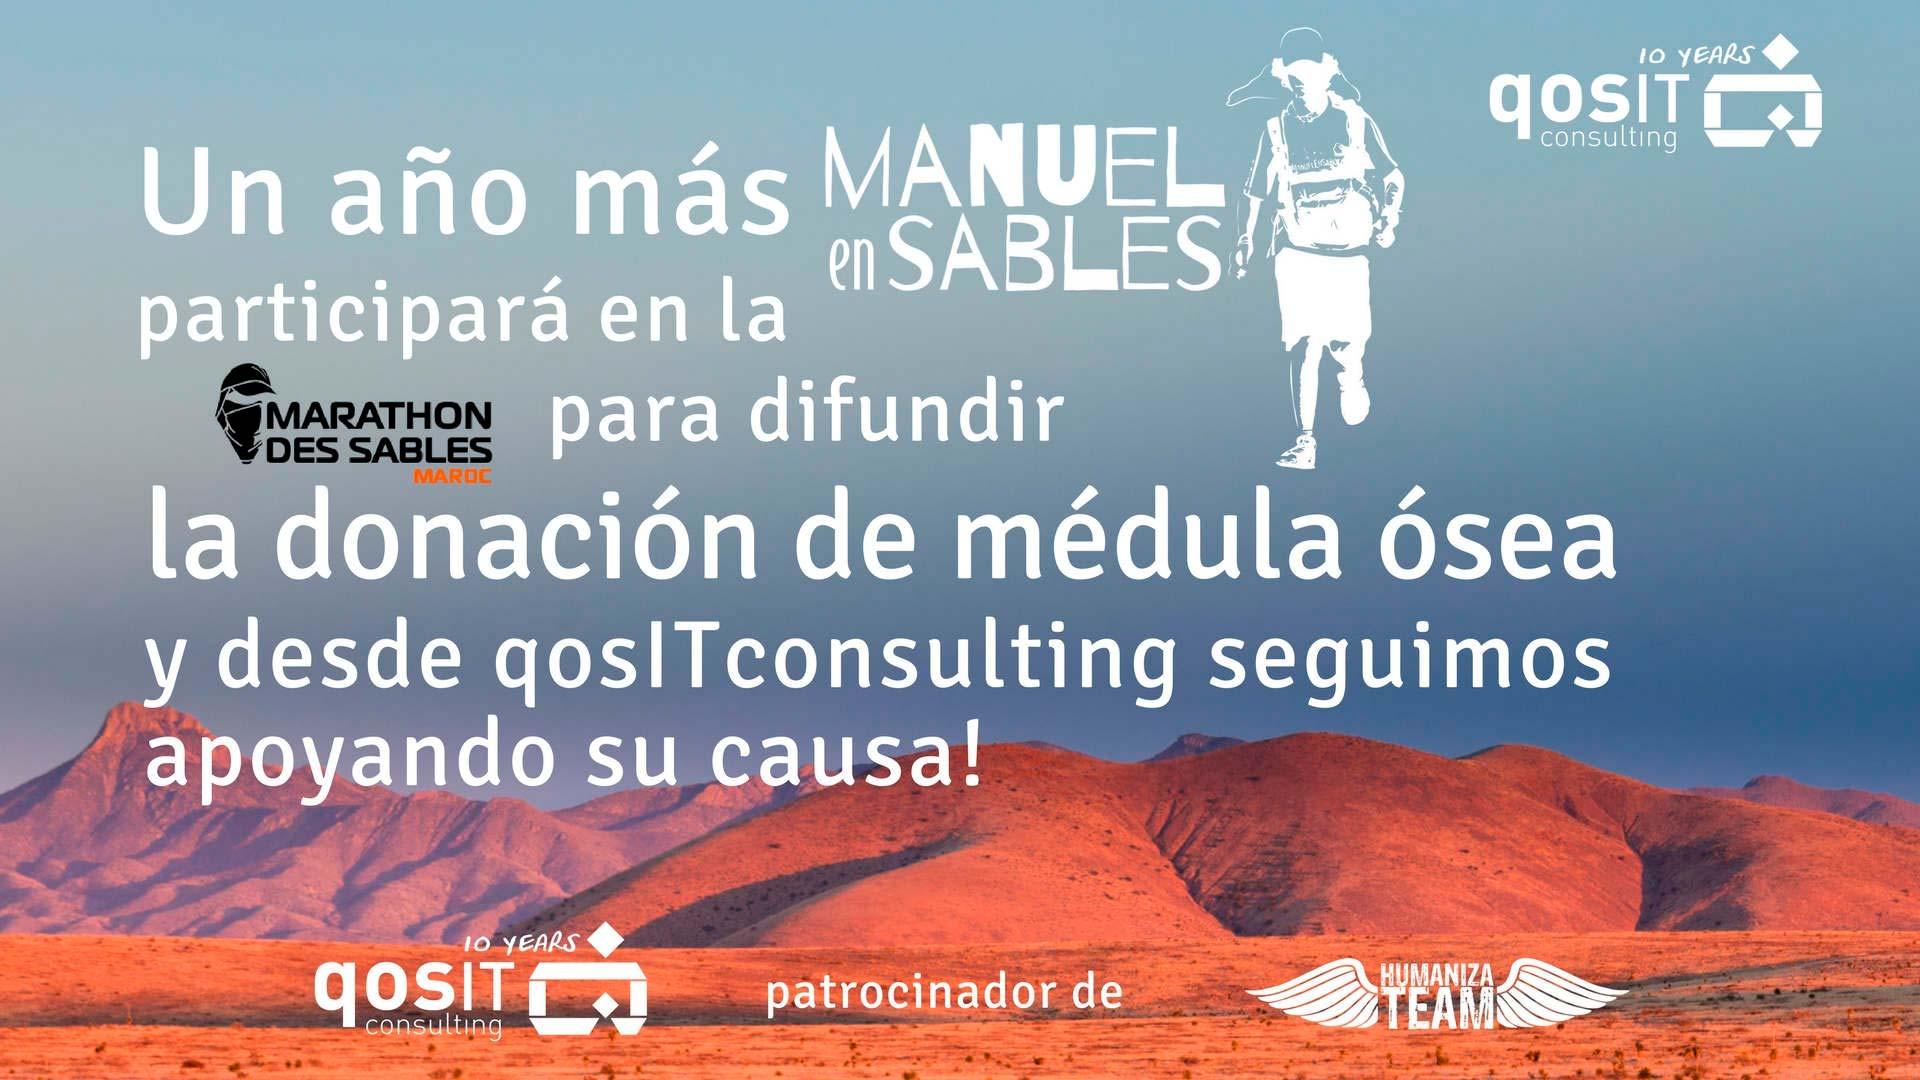 qosITconsulting Manuel en Sables 2018 #DonaMédulaDonaVida